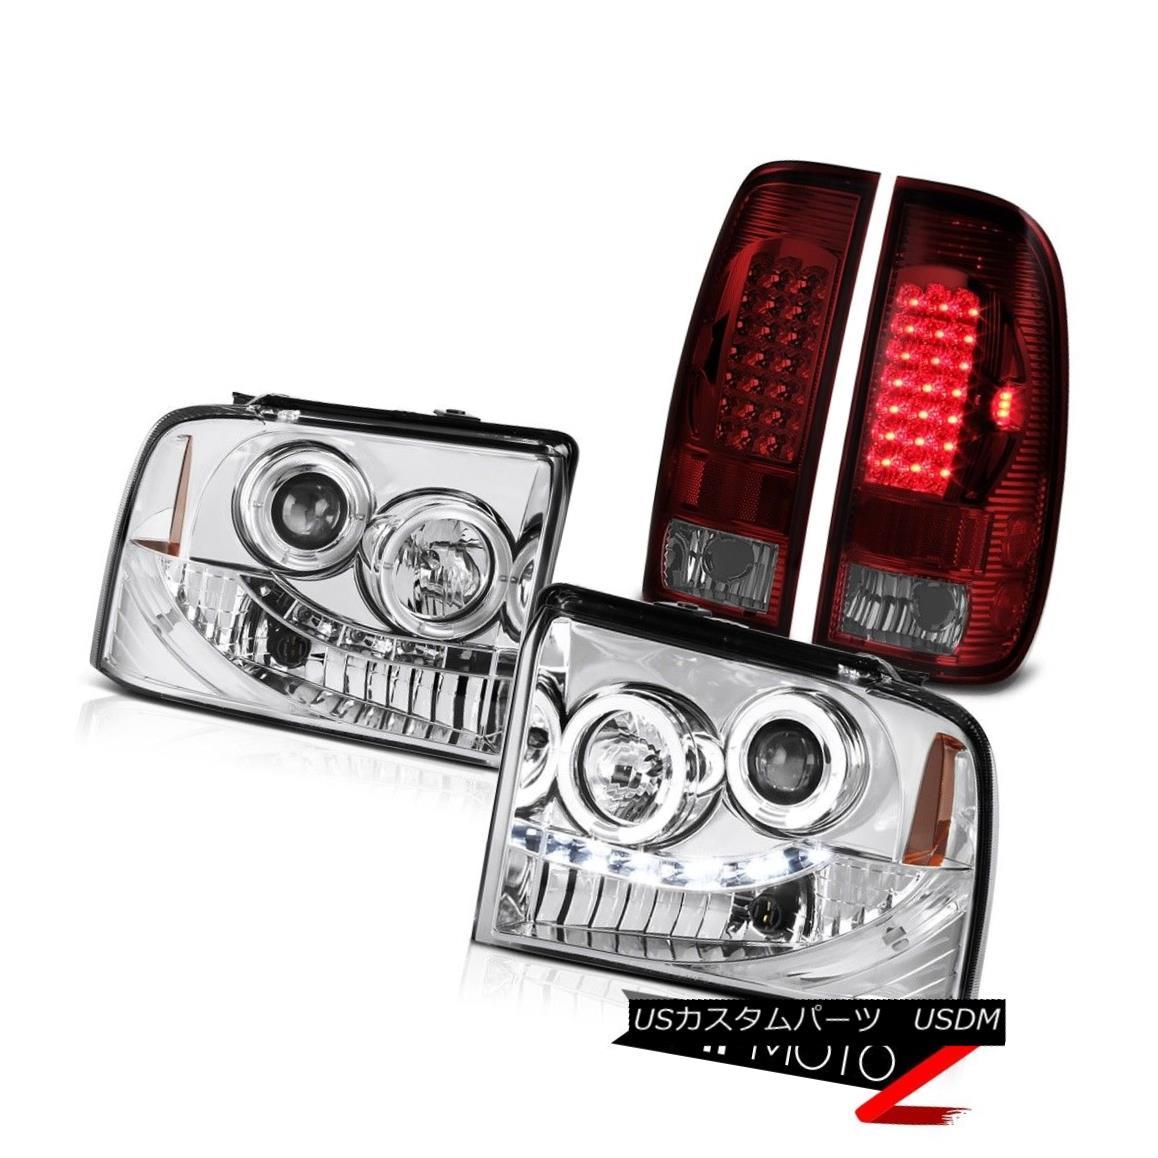 ヘッドライト Clear Halo Angel Eye Headlight Red LED Tail Light Ford F350 King Ranch 2005-2007 クリアヘリオエンジェルアイヘッドライトレッドLEDテールライトフォードF350キングランチ2005-2007